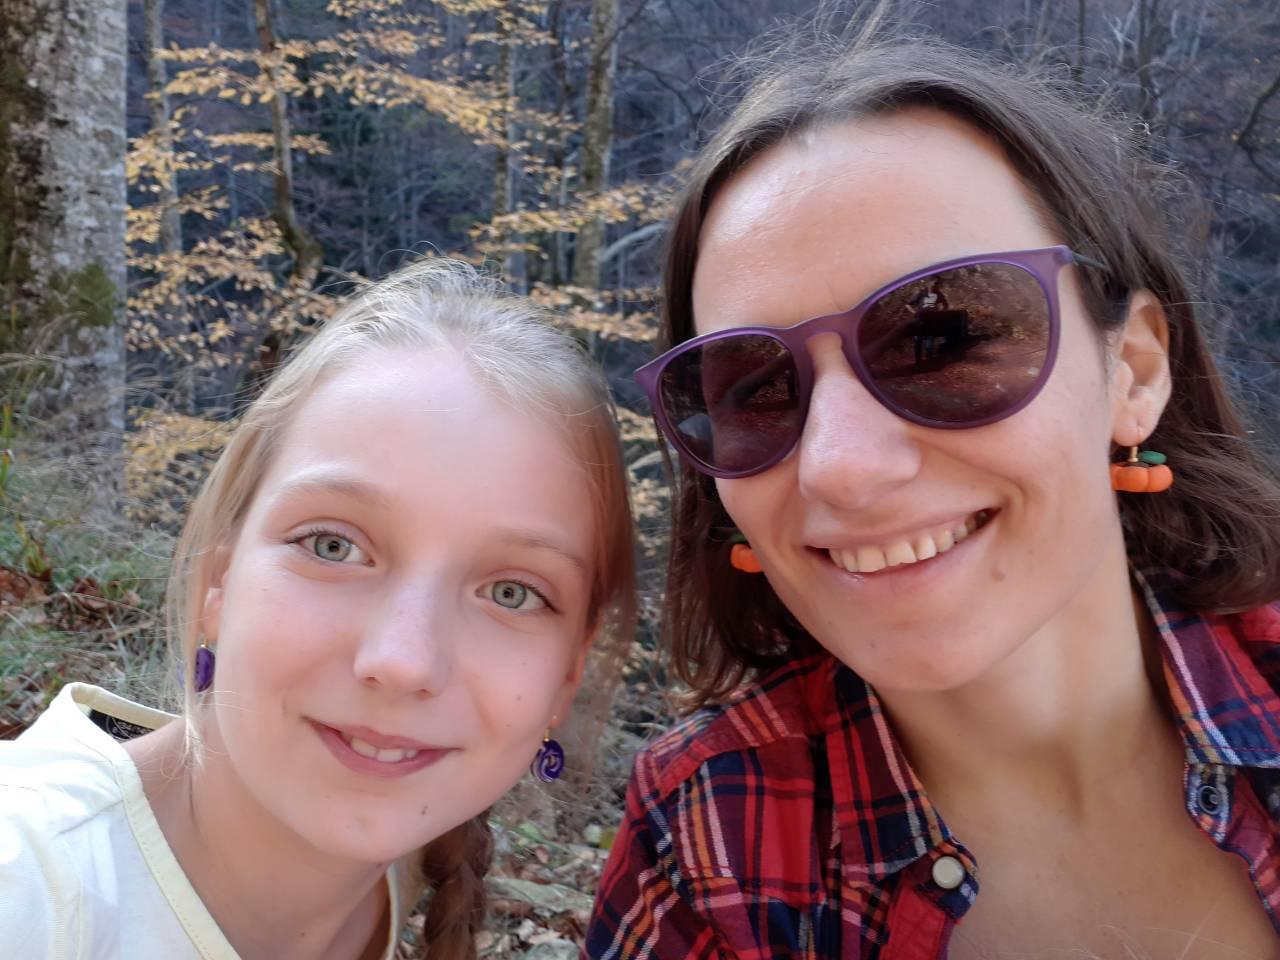 Jurnalul bucuriilor simple sau cum să înveți să trăiești conștient (9)_2 fete zâmbitoare